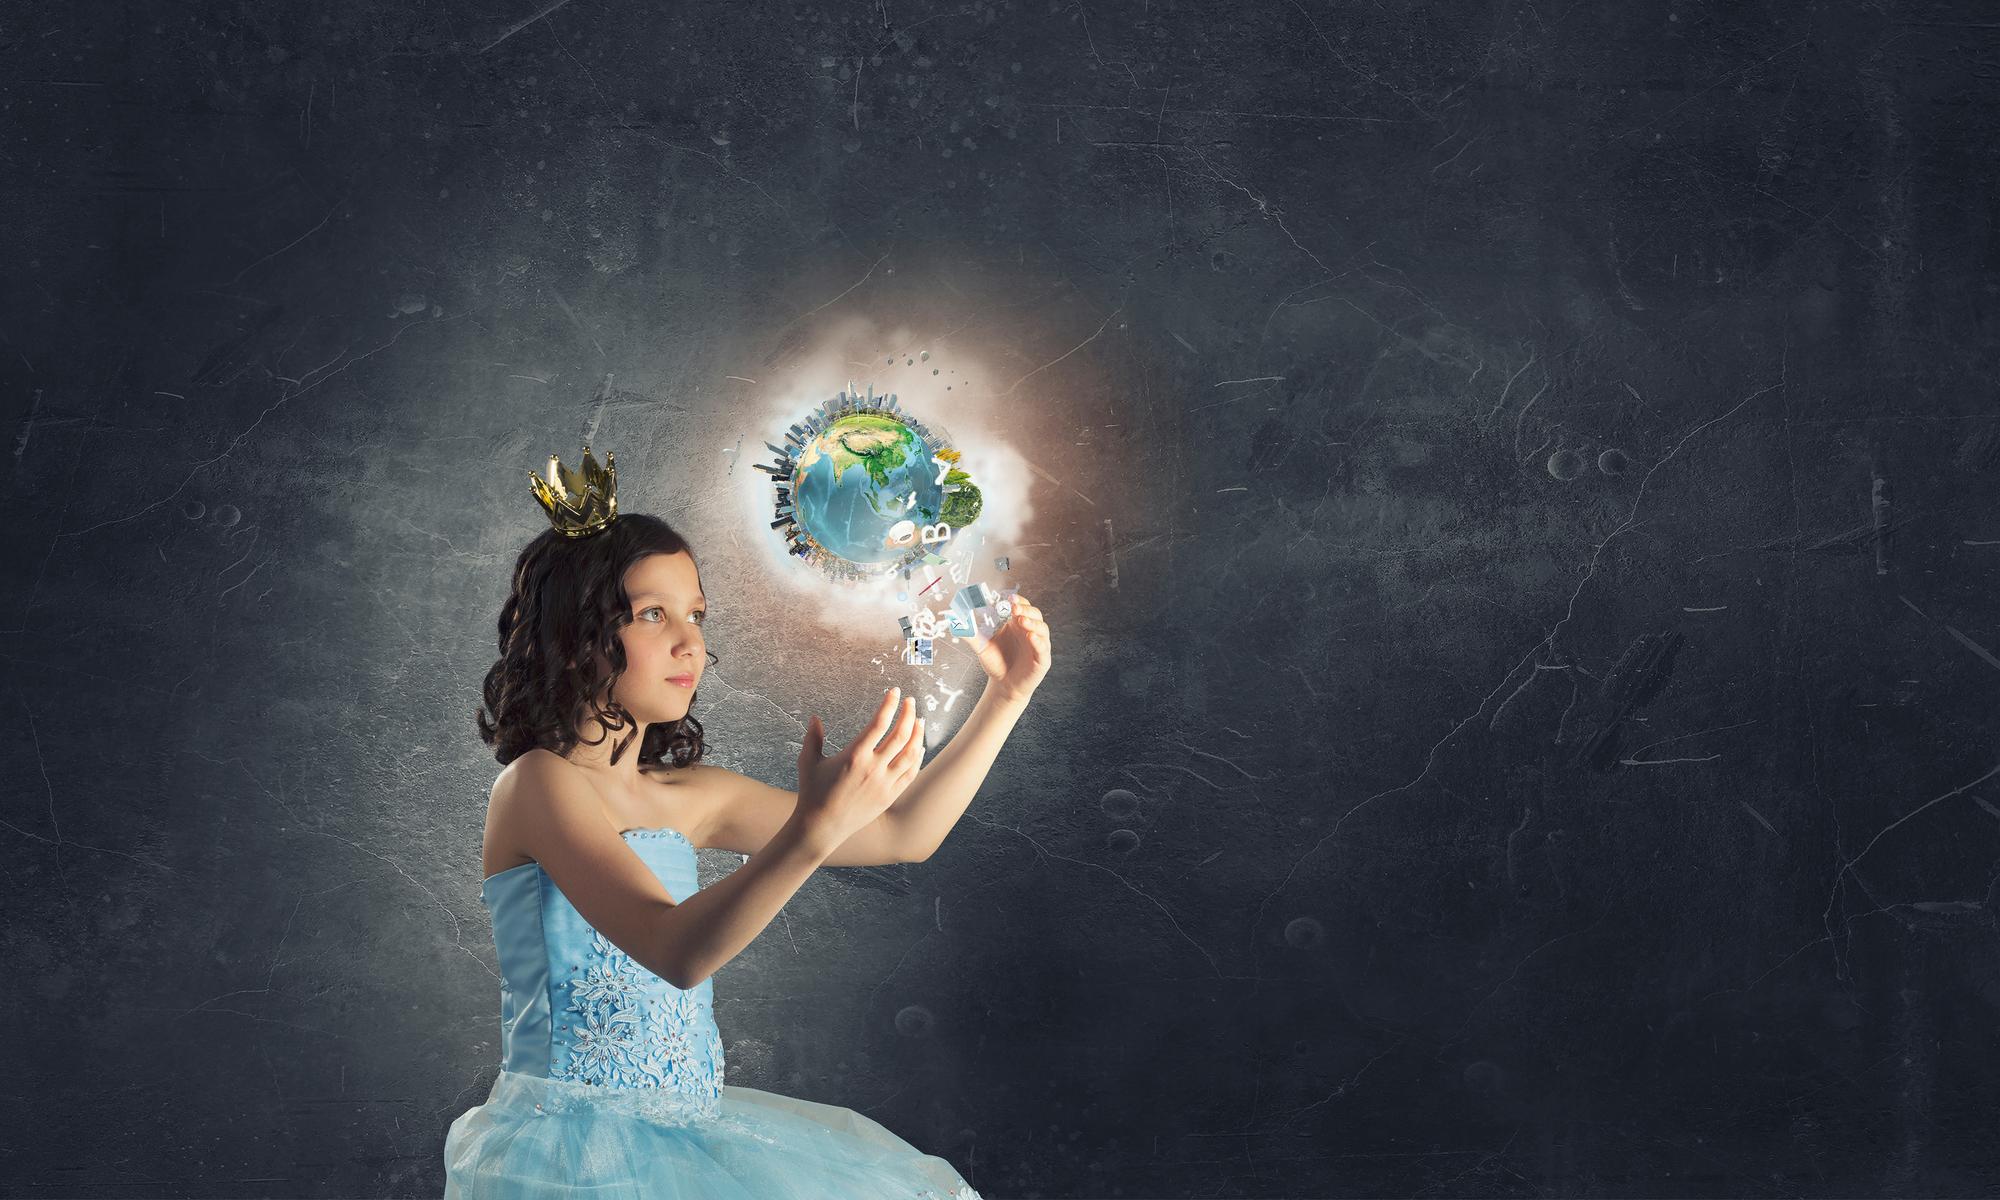 地球は「言葉」と「潜在意識」が現実の結果となる惑星です。